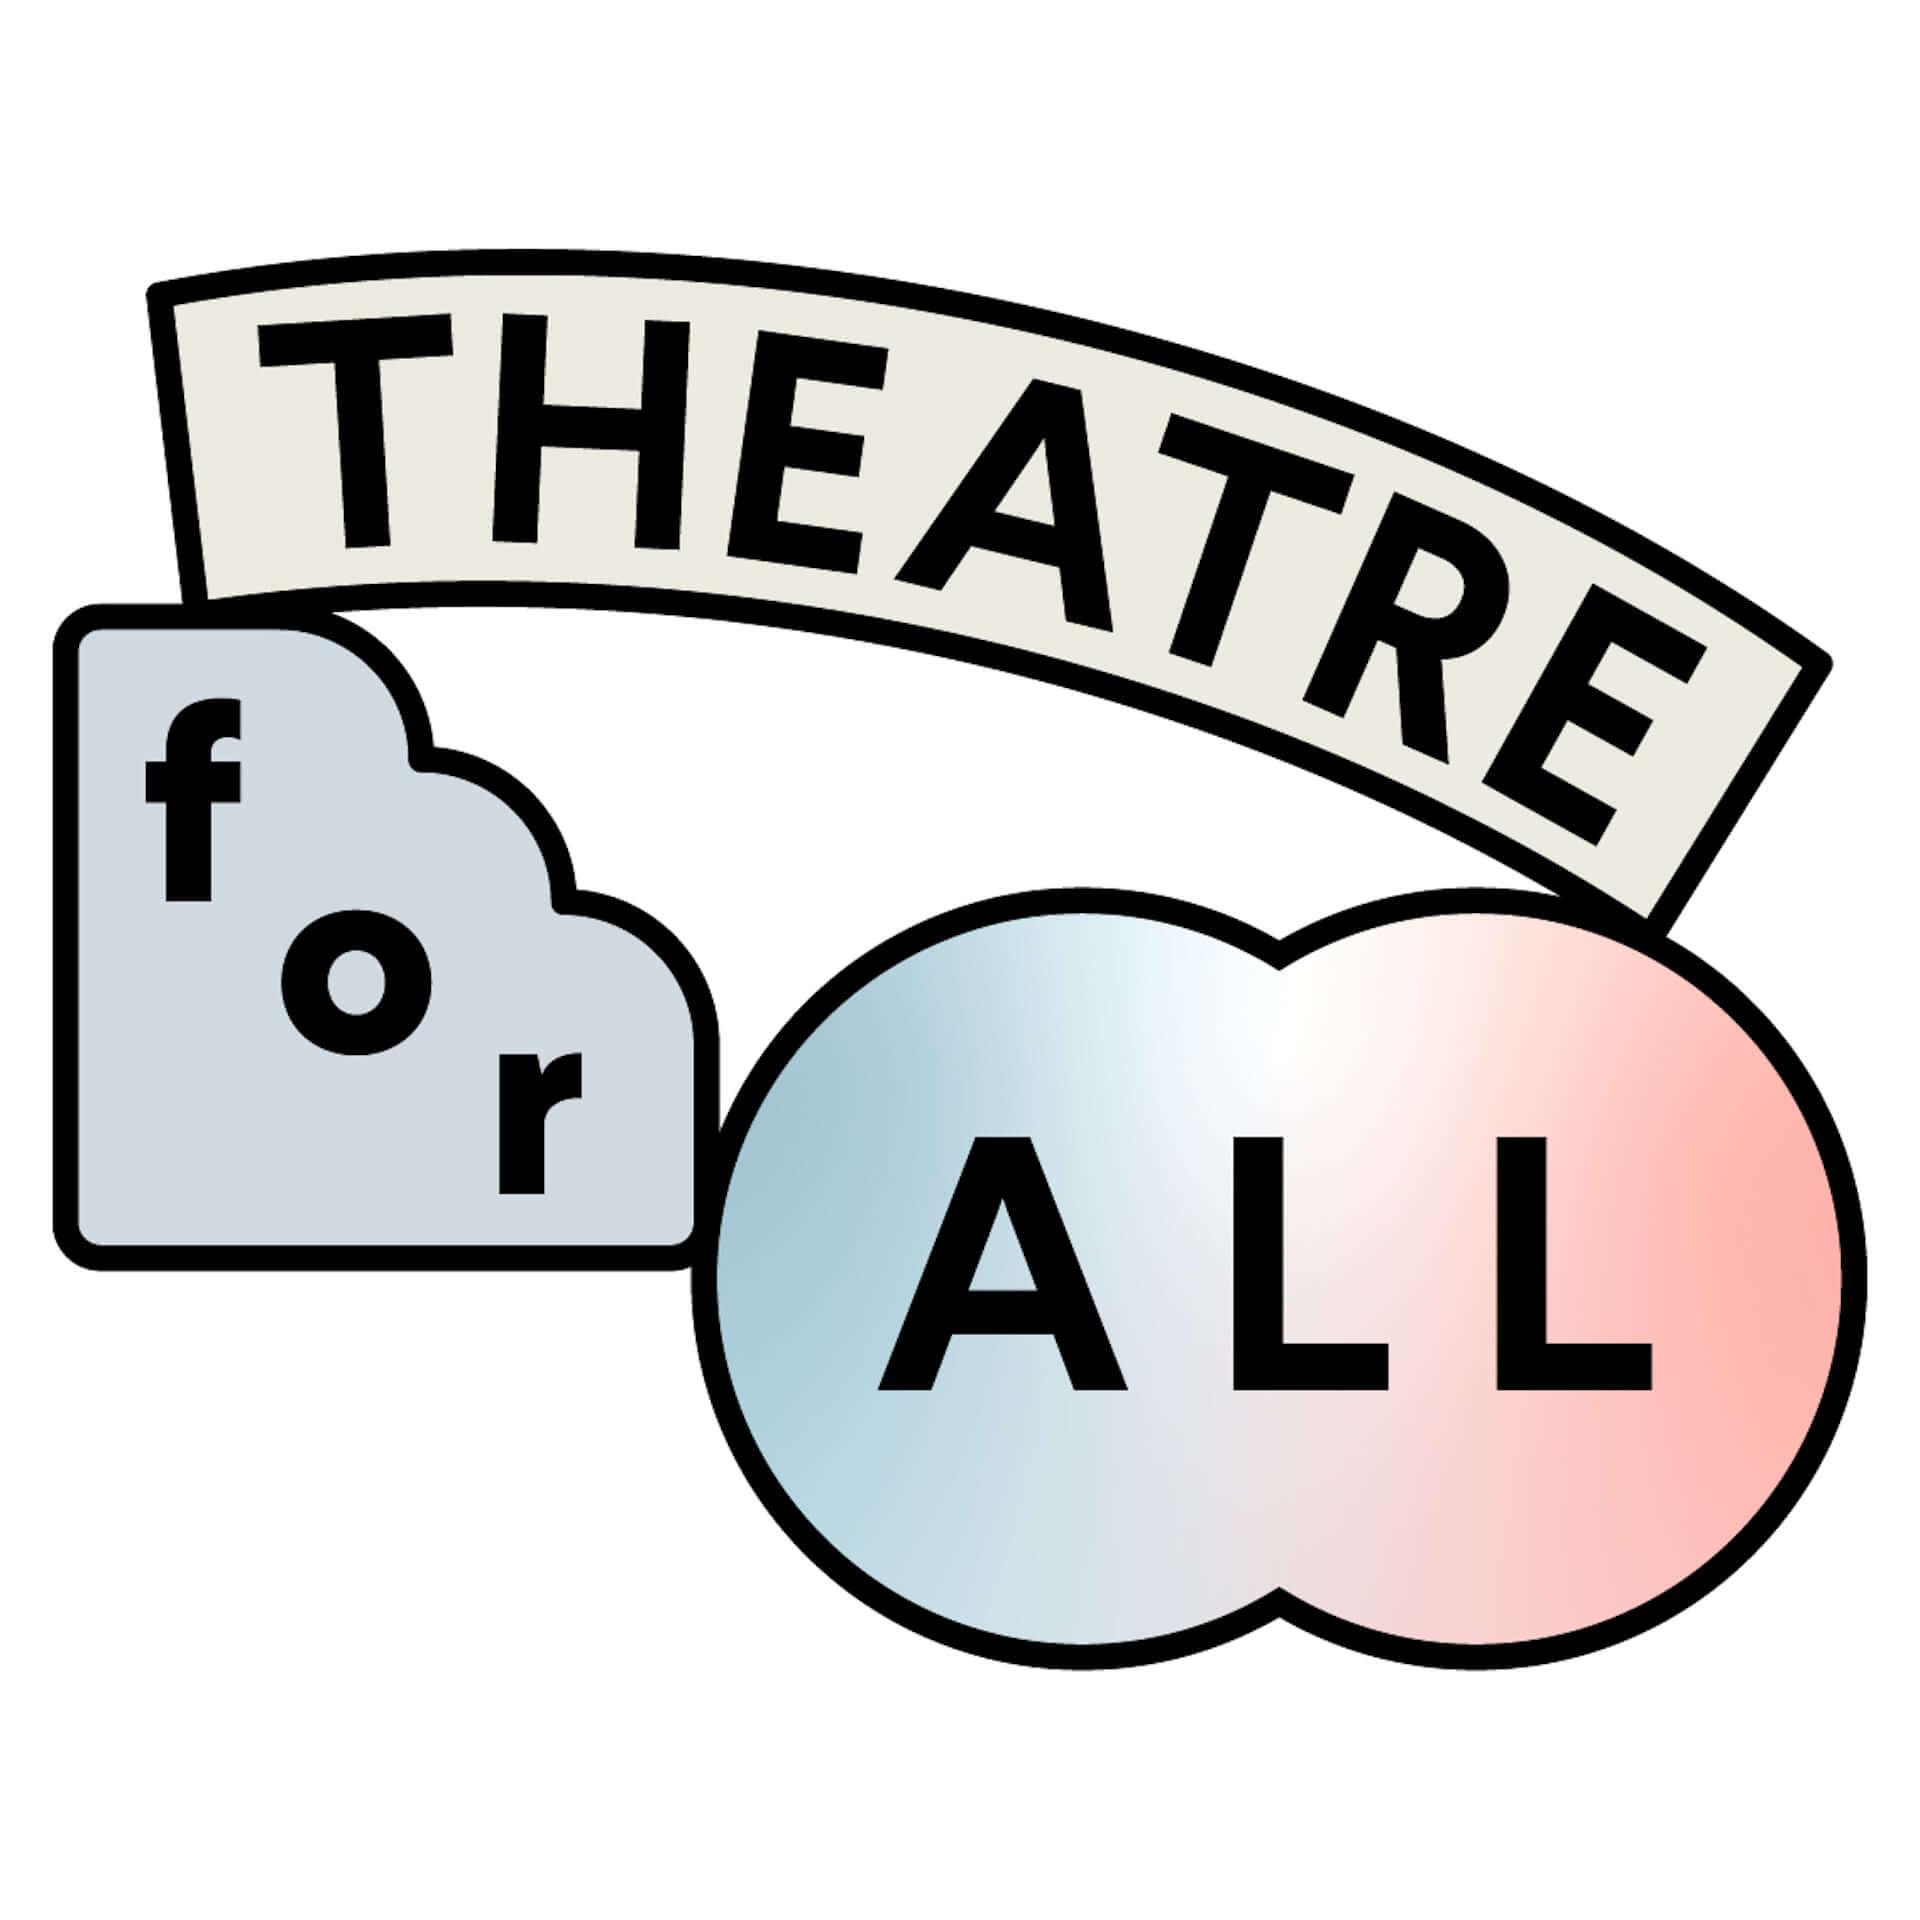 バリアフリー型のオンライン劇場「THEATRE for ALL」がオープン決定!SIDE COREのメディアアートほか演劇、映画、ダンス作品など多数配信 art201223_theatreforall_4-1920x1920